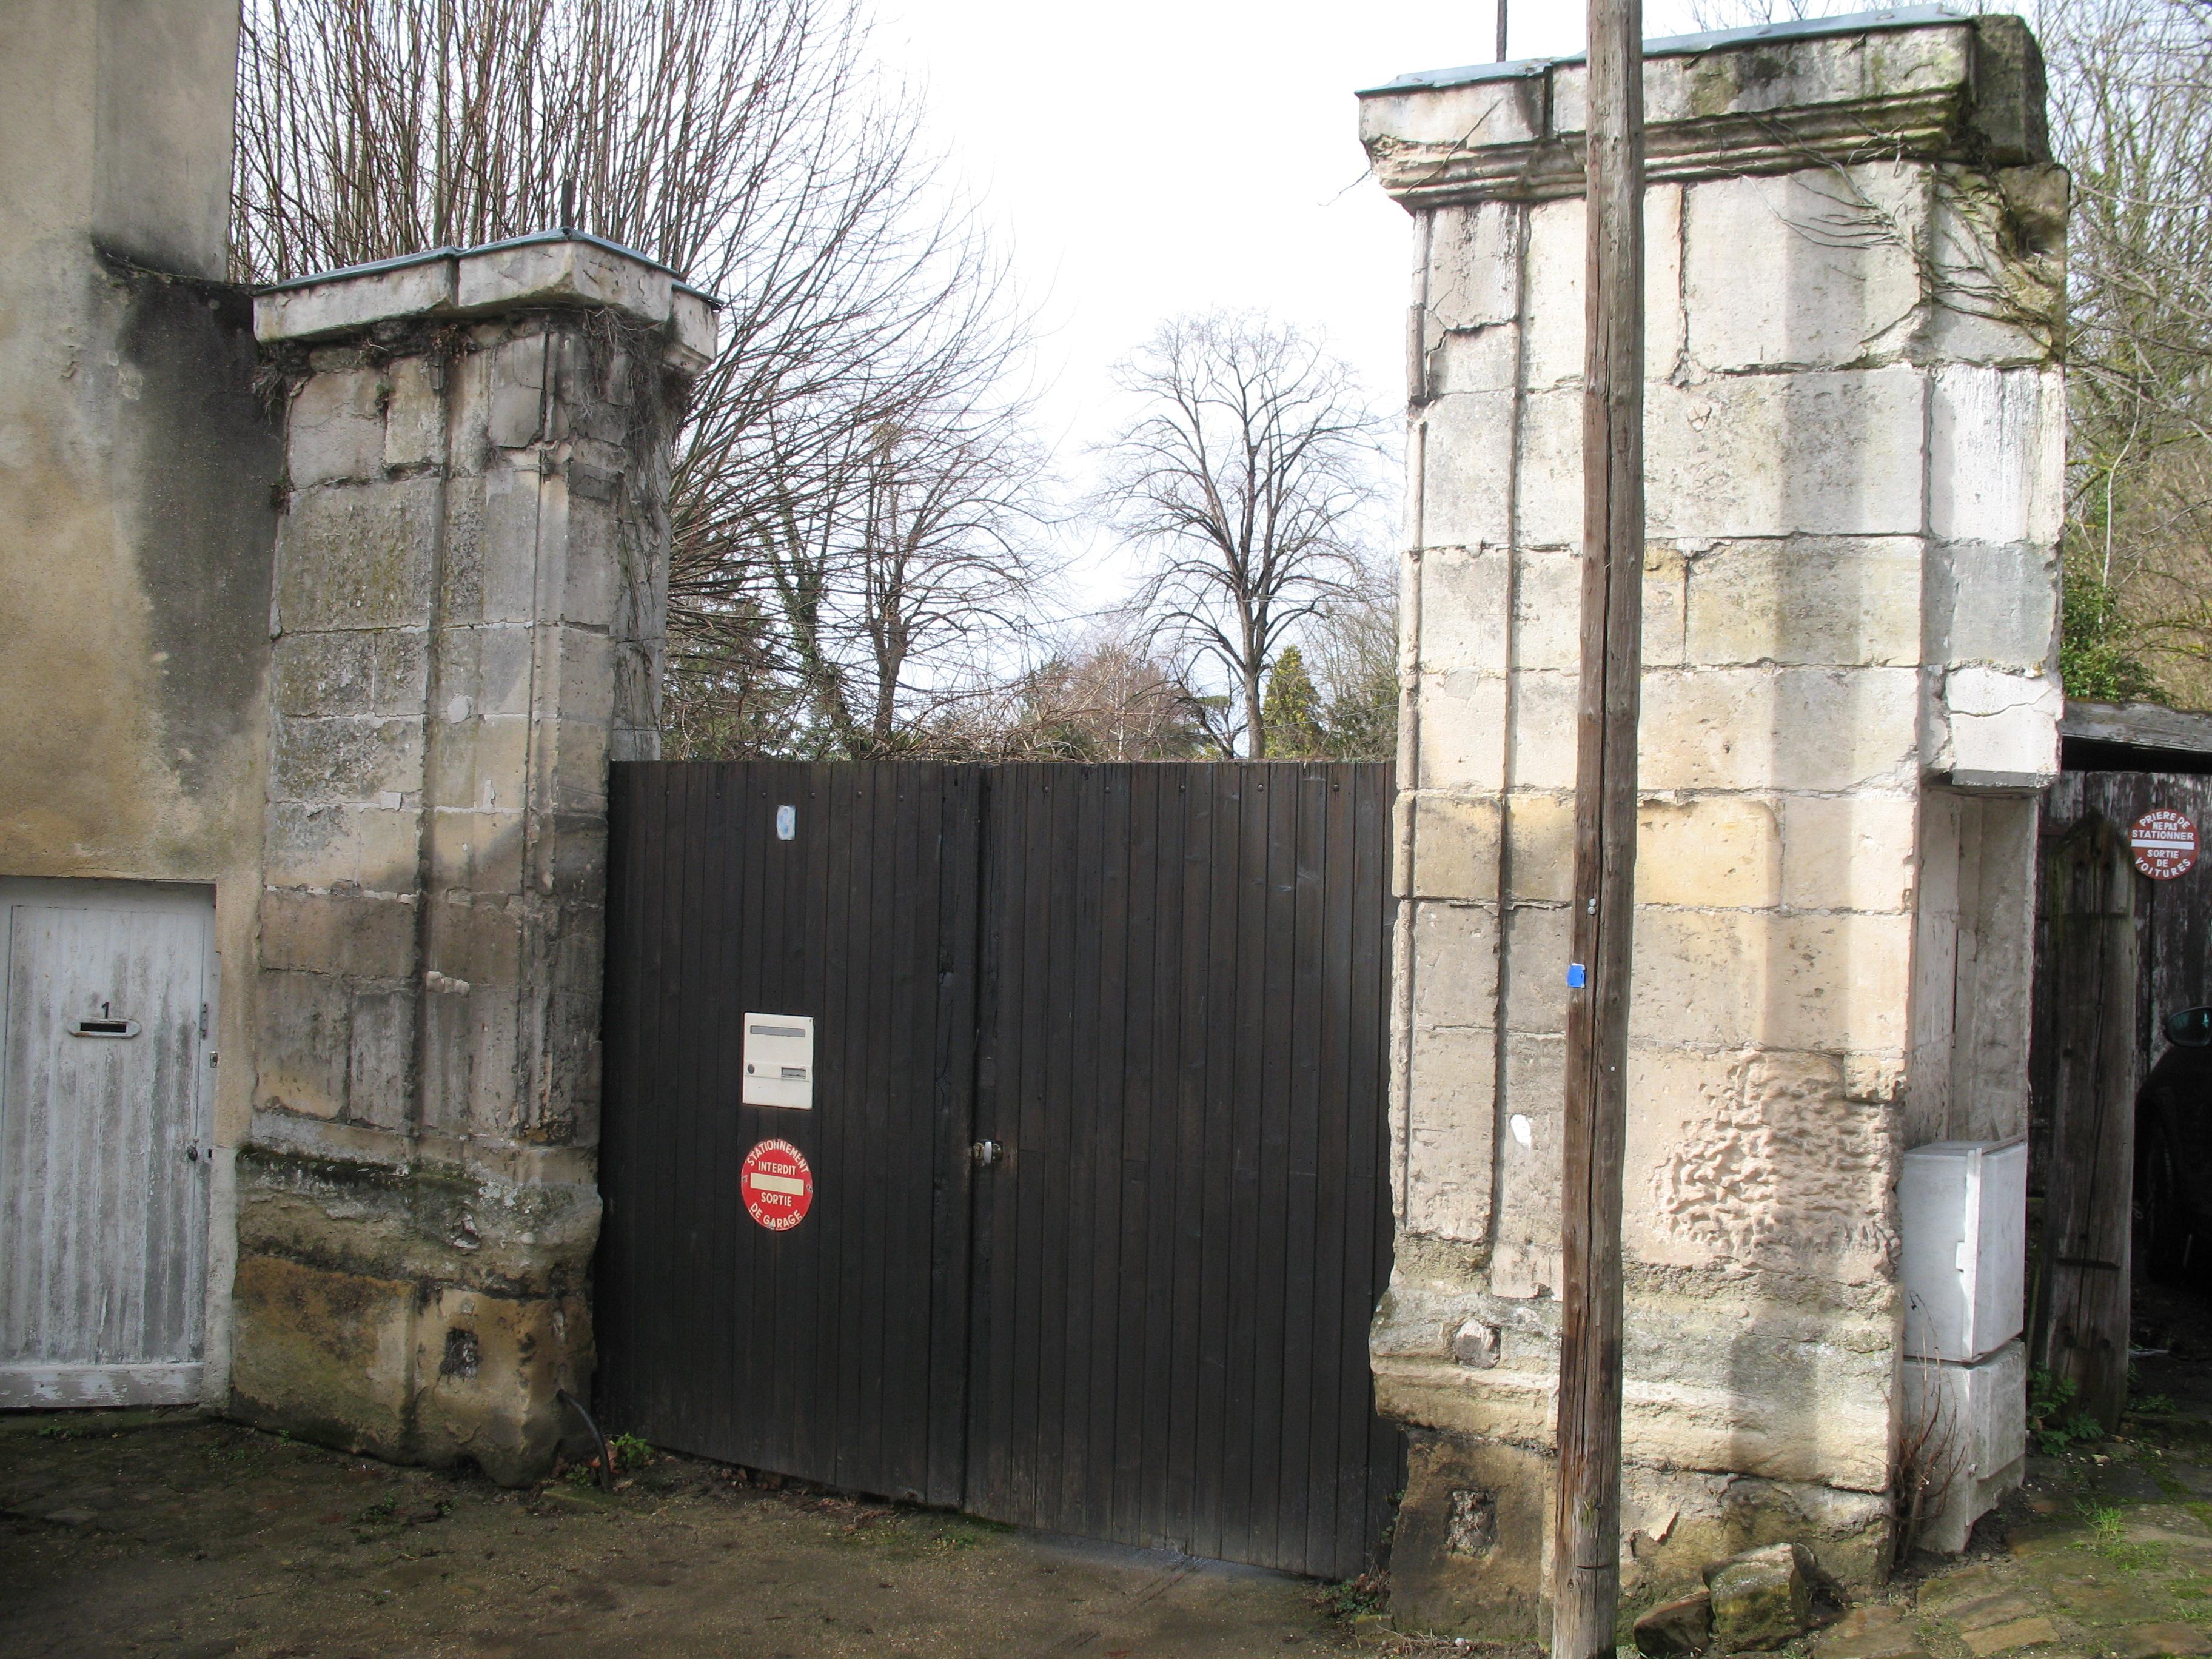 Triel Sur Seine Fr file:château de triel 1 - wikimedia commons